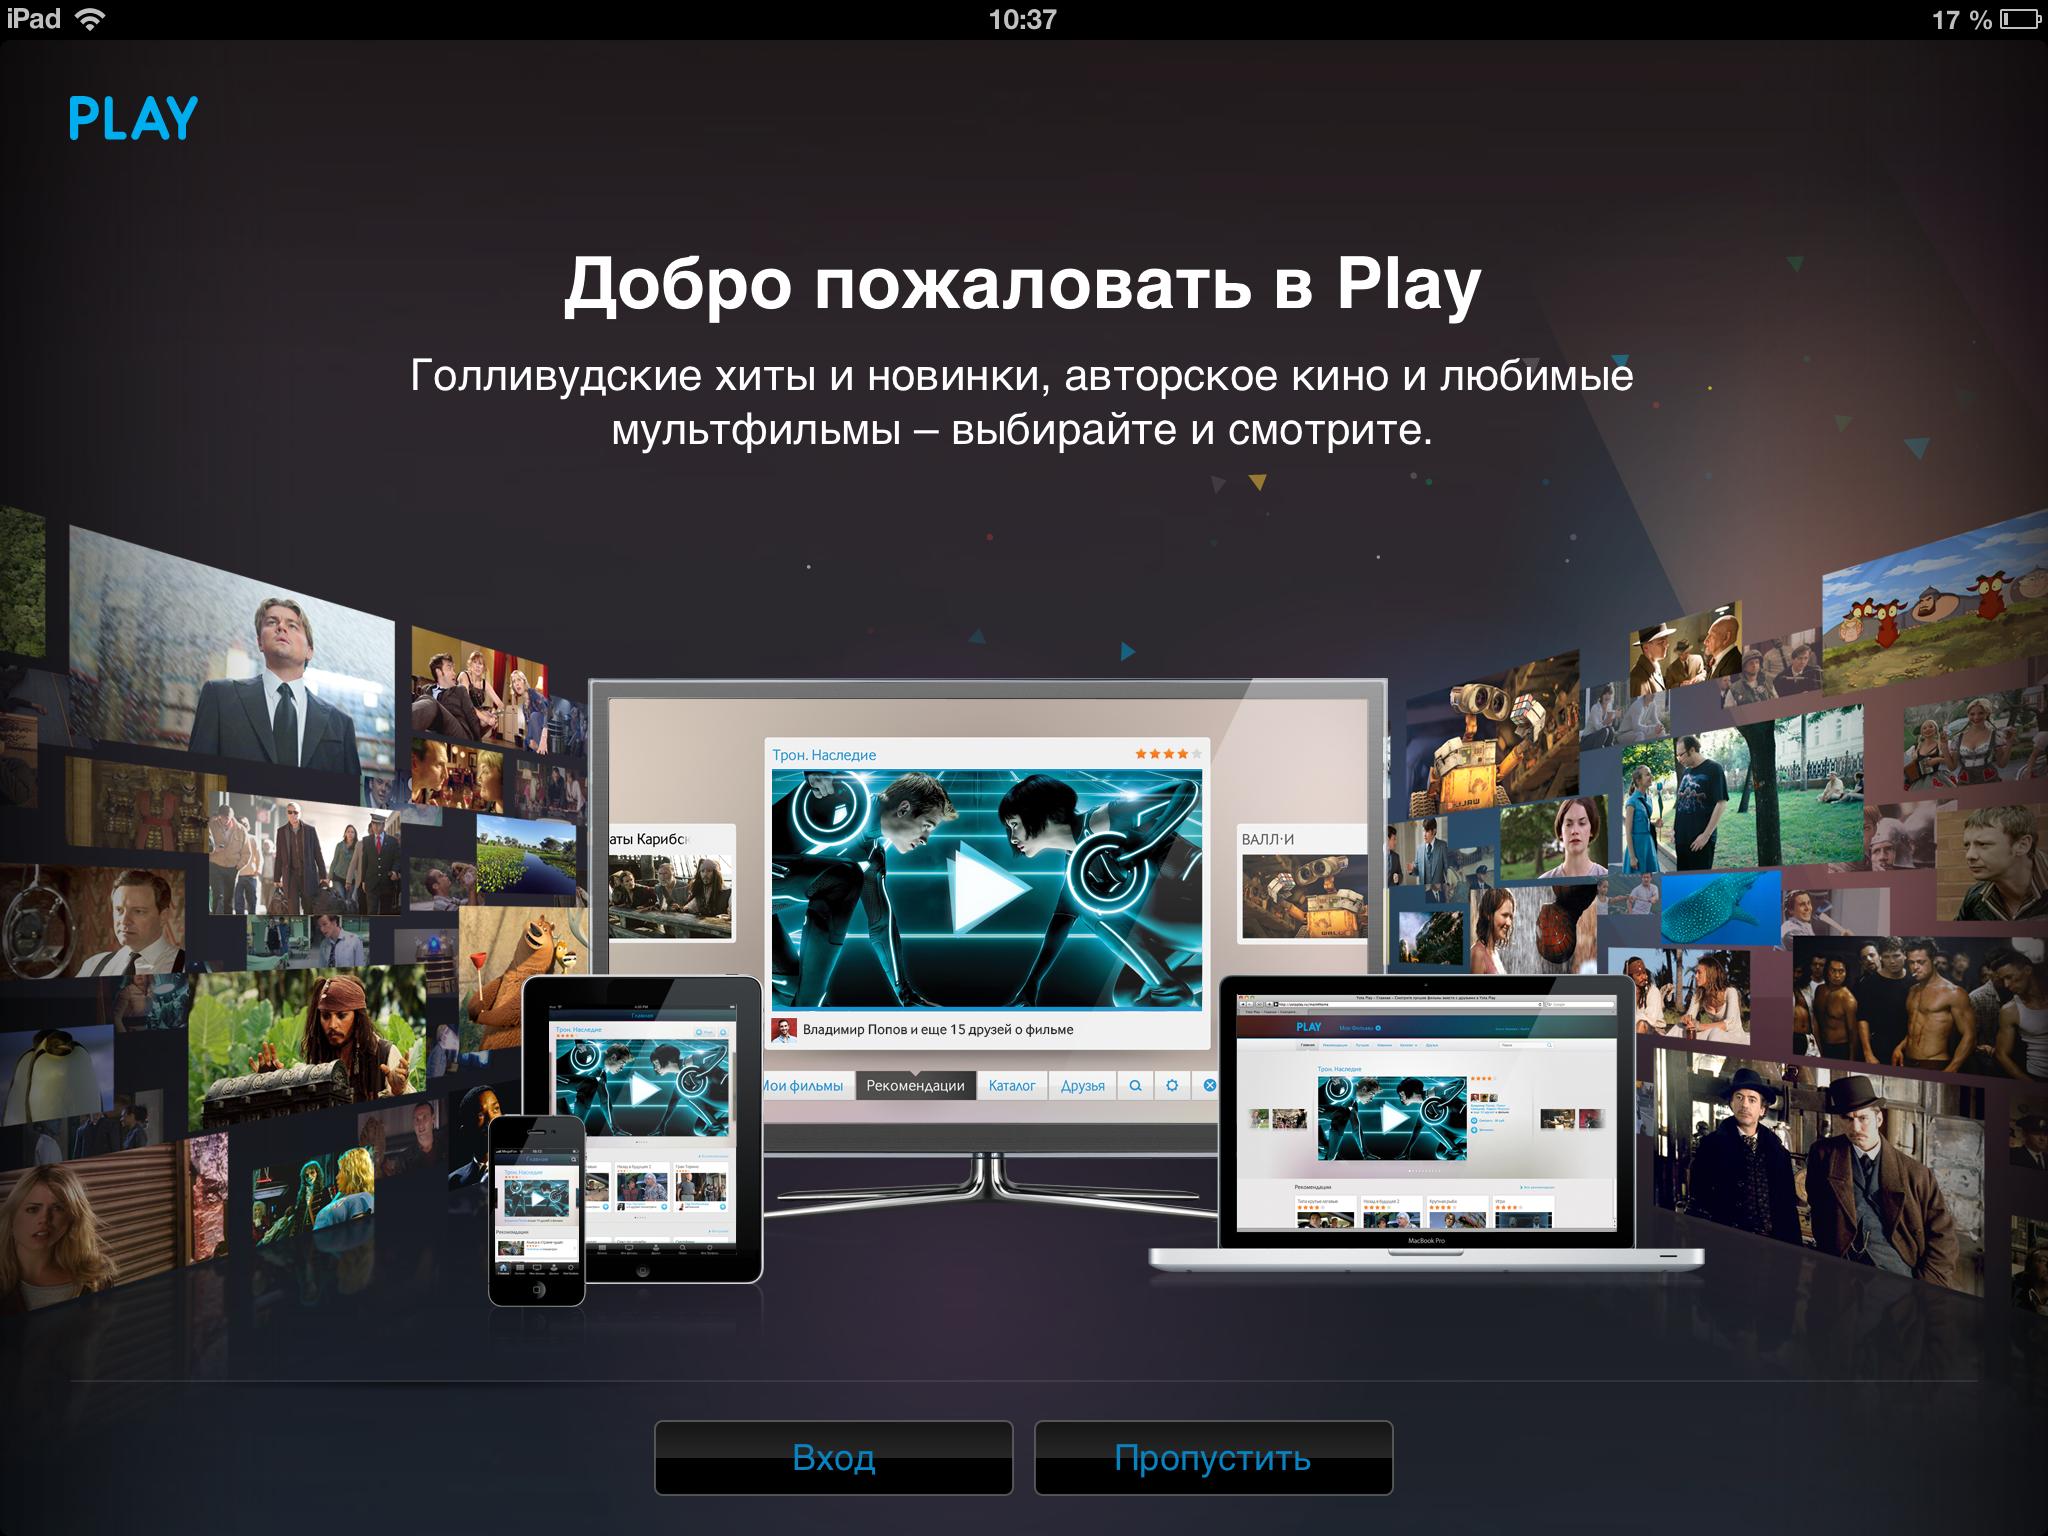 «Play: Фильмы» — хорошее кино без рекламы